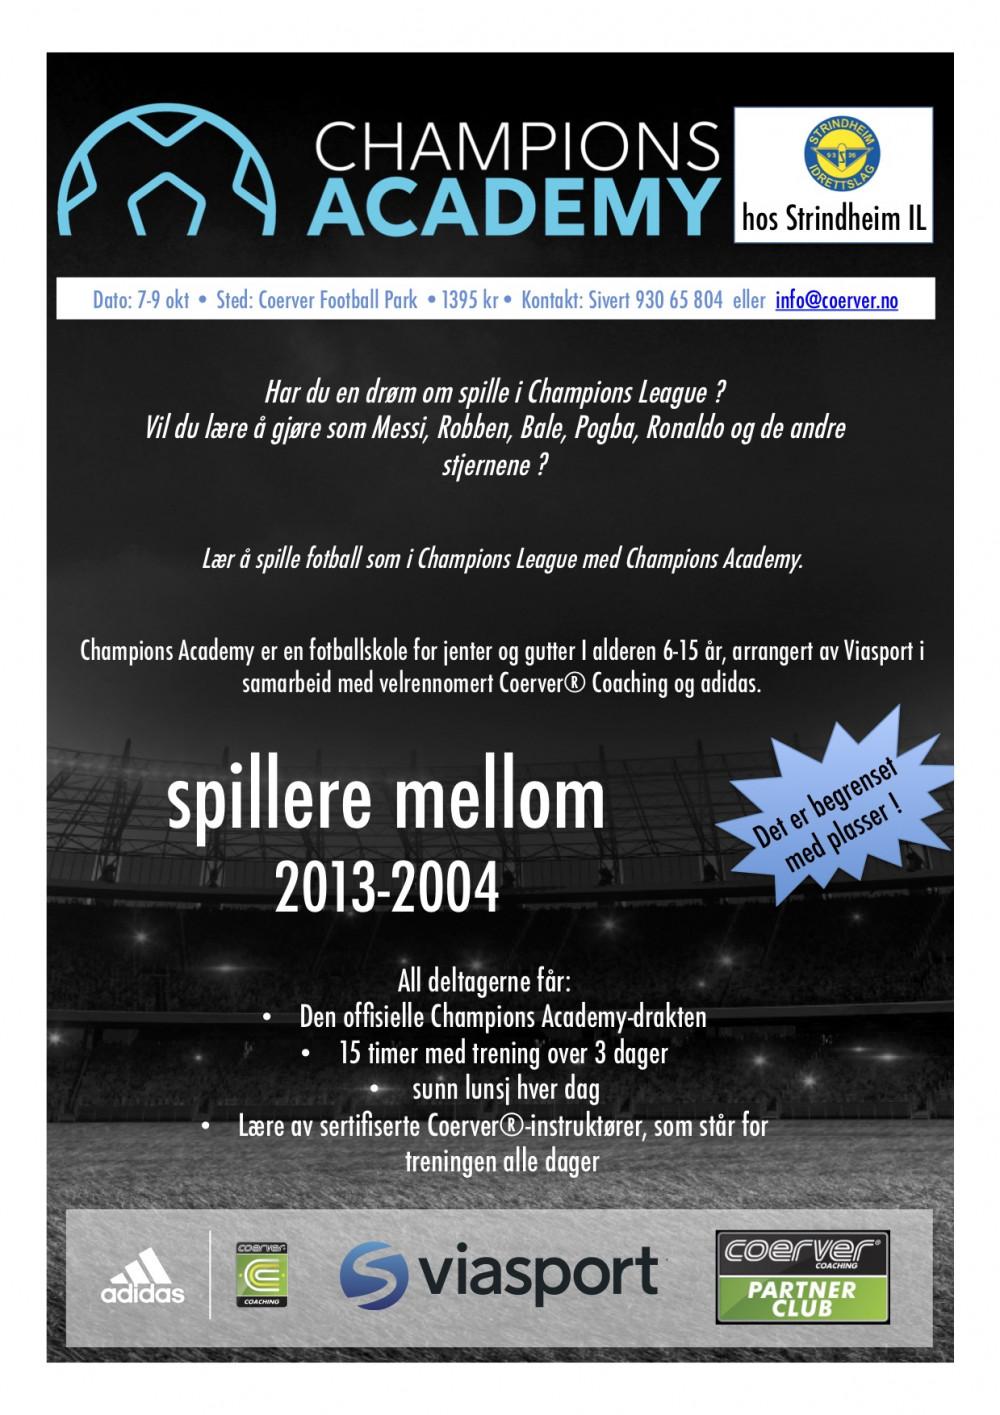 Champions Academy hos Strindheim IL 2019